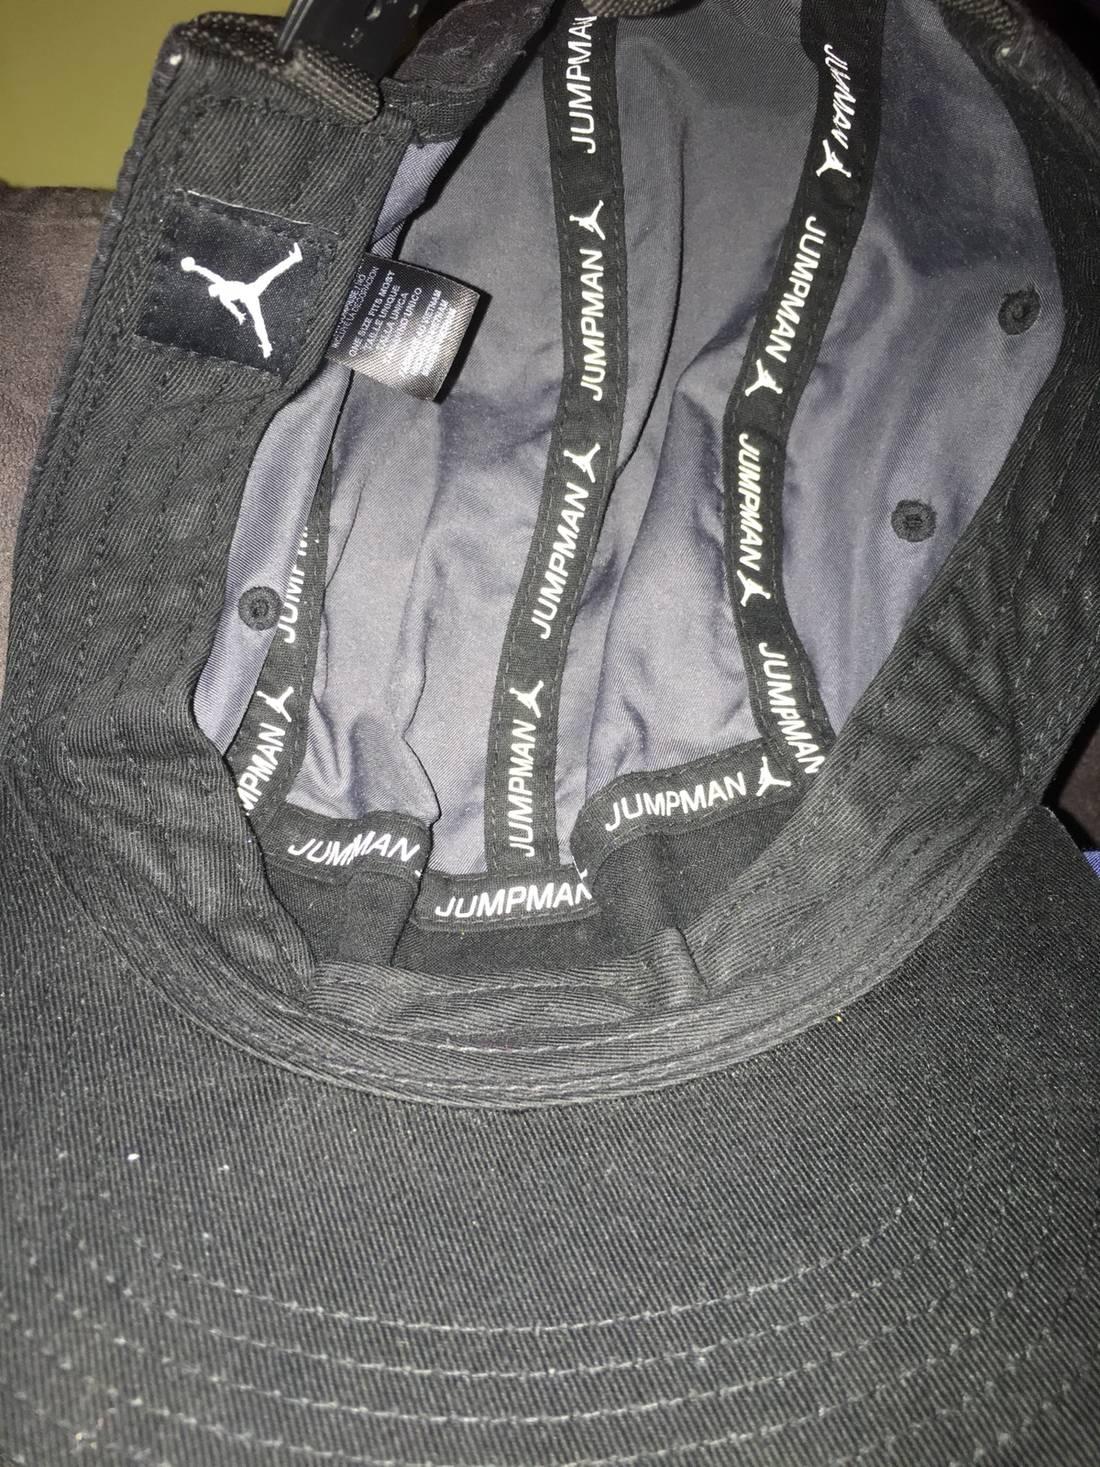 3b6dcf2a82f free shipping jordan brand kaws jordan hat size one size 3 821f4 78d89